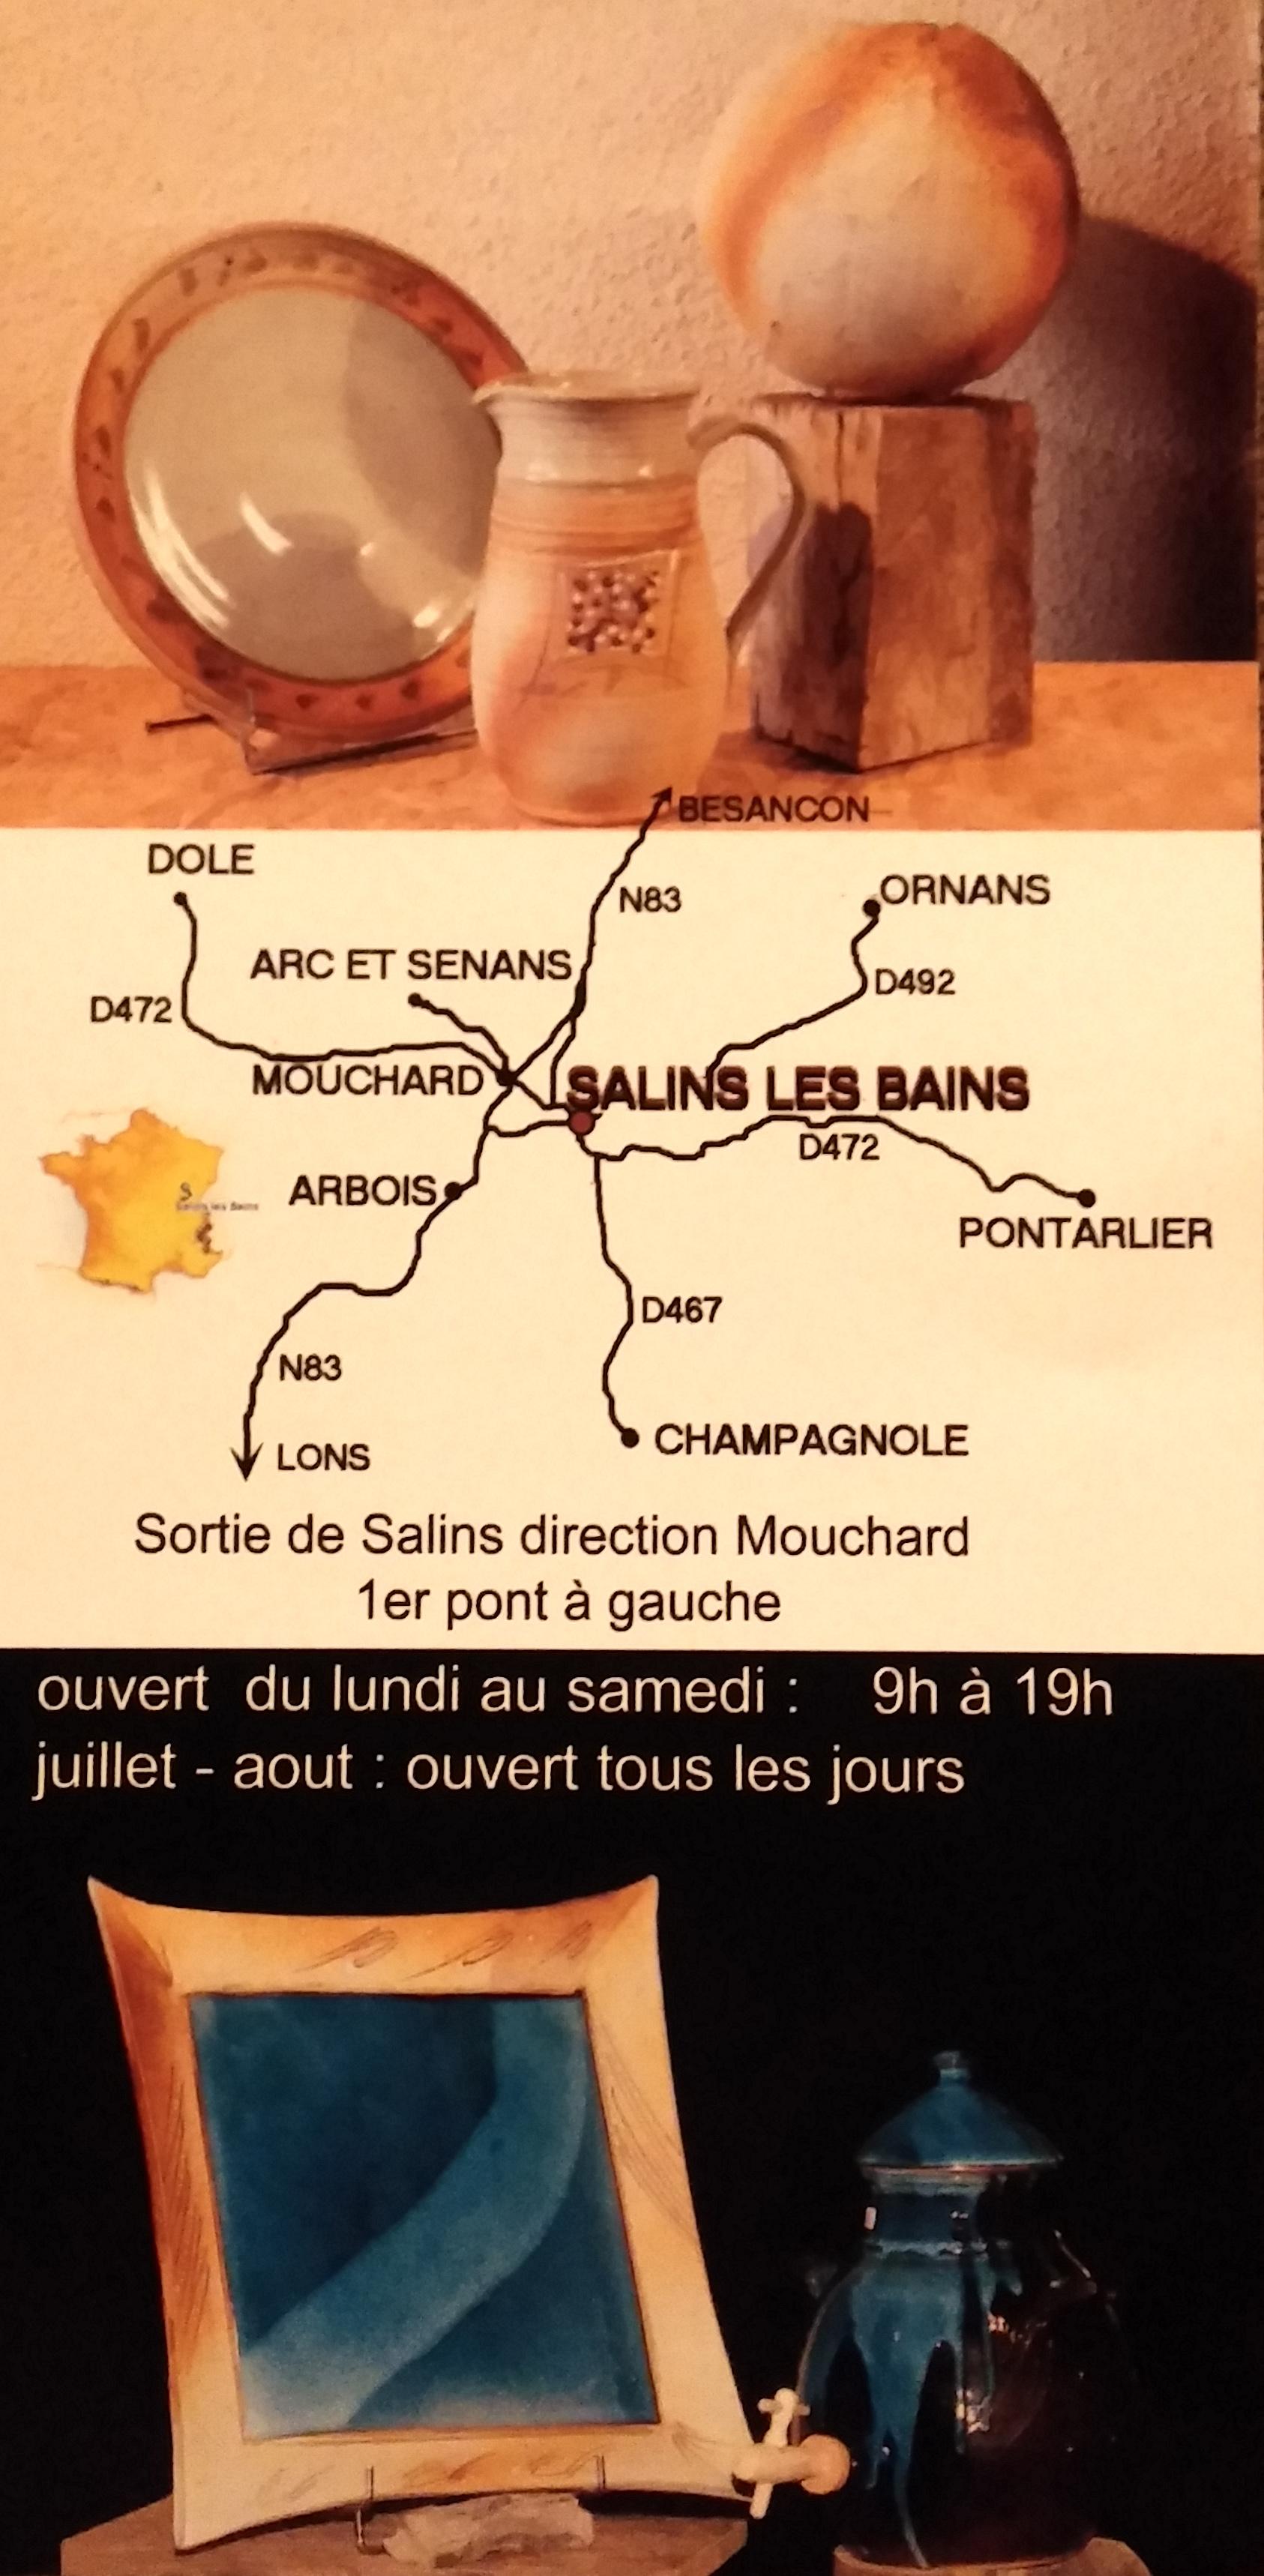 Bus Et Visite De Latelier Sur RDV Nhesitez Pas A Venir Admirer Nos Ceramiques Lors Votre Passage En Franche Comte